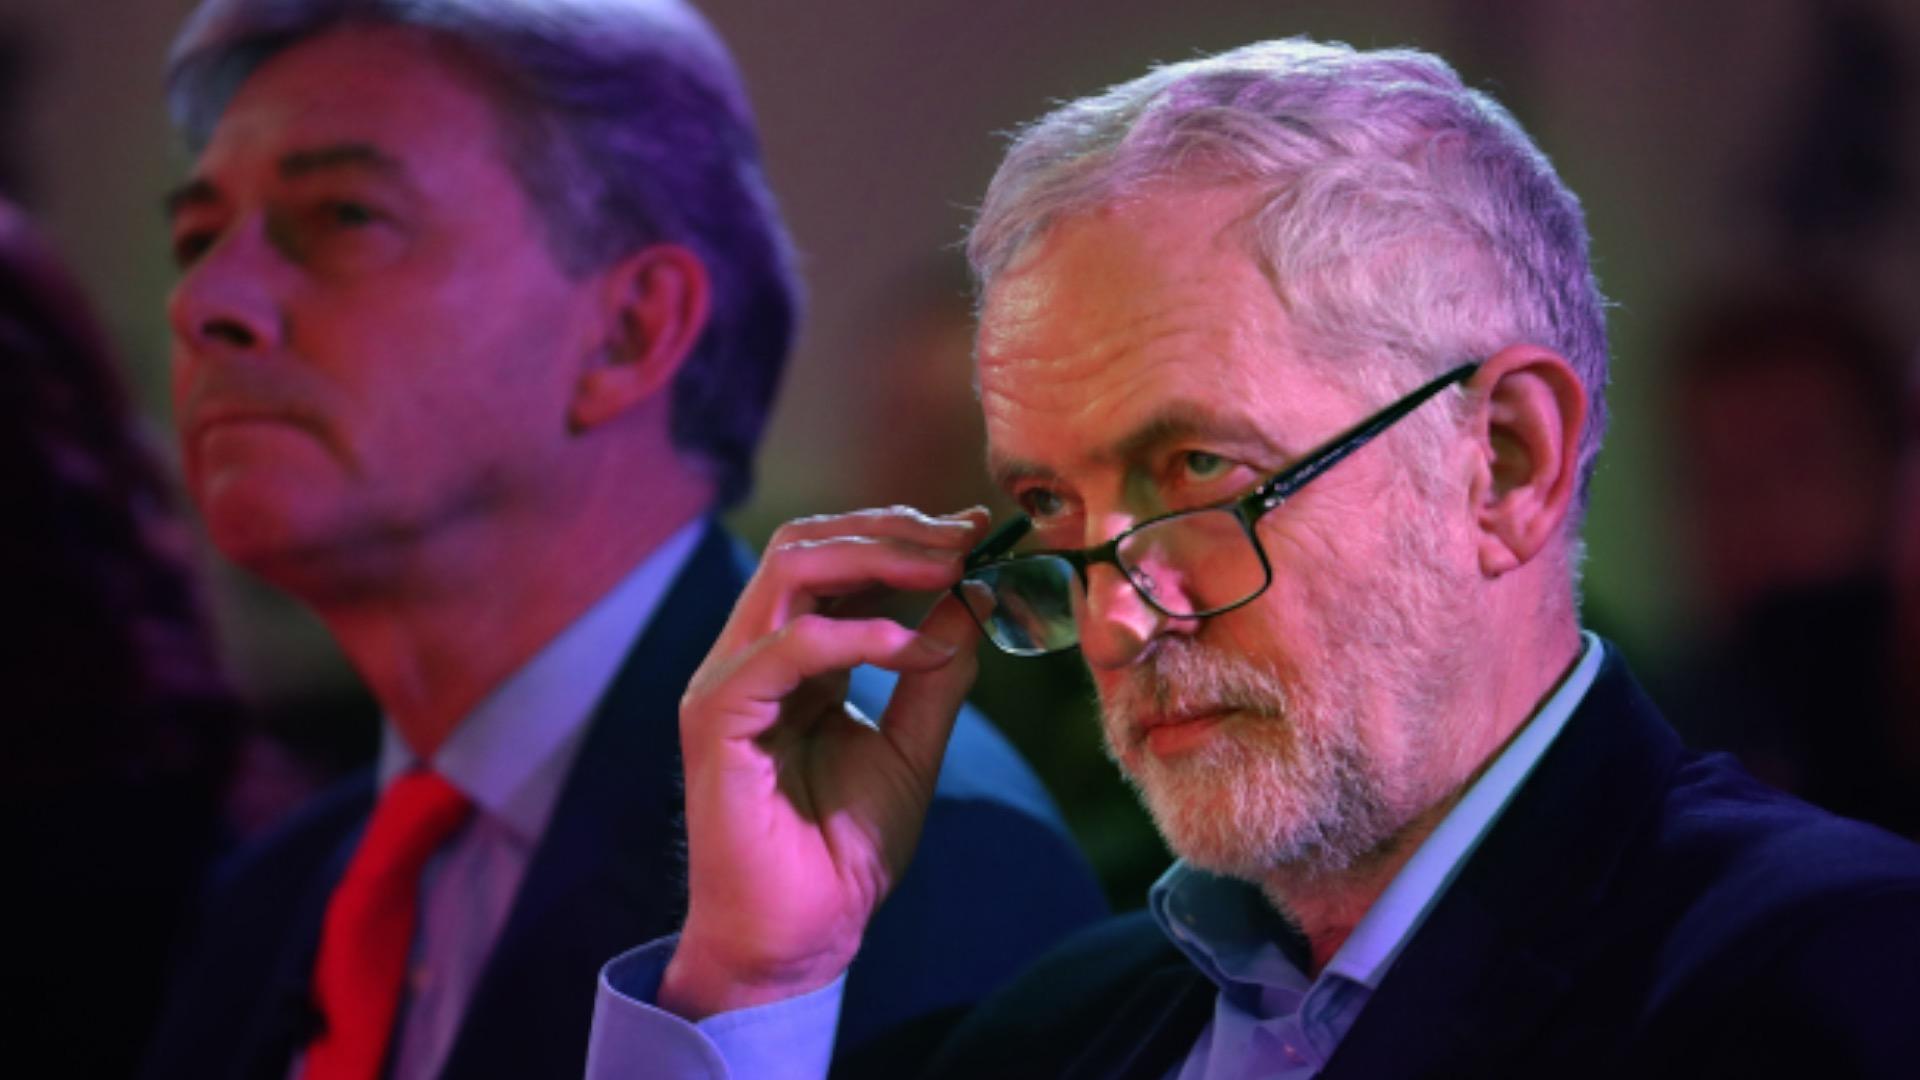 Lídr britské Labouristické strany Corbyn měl spolupracovat s StB